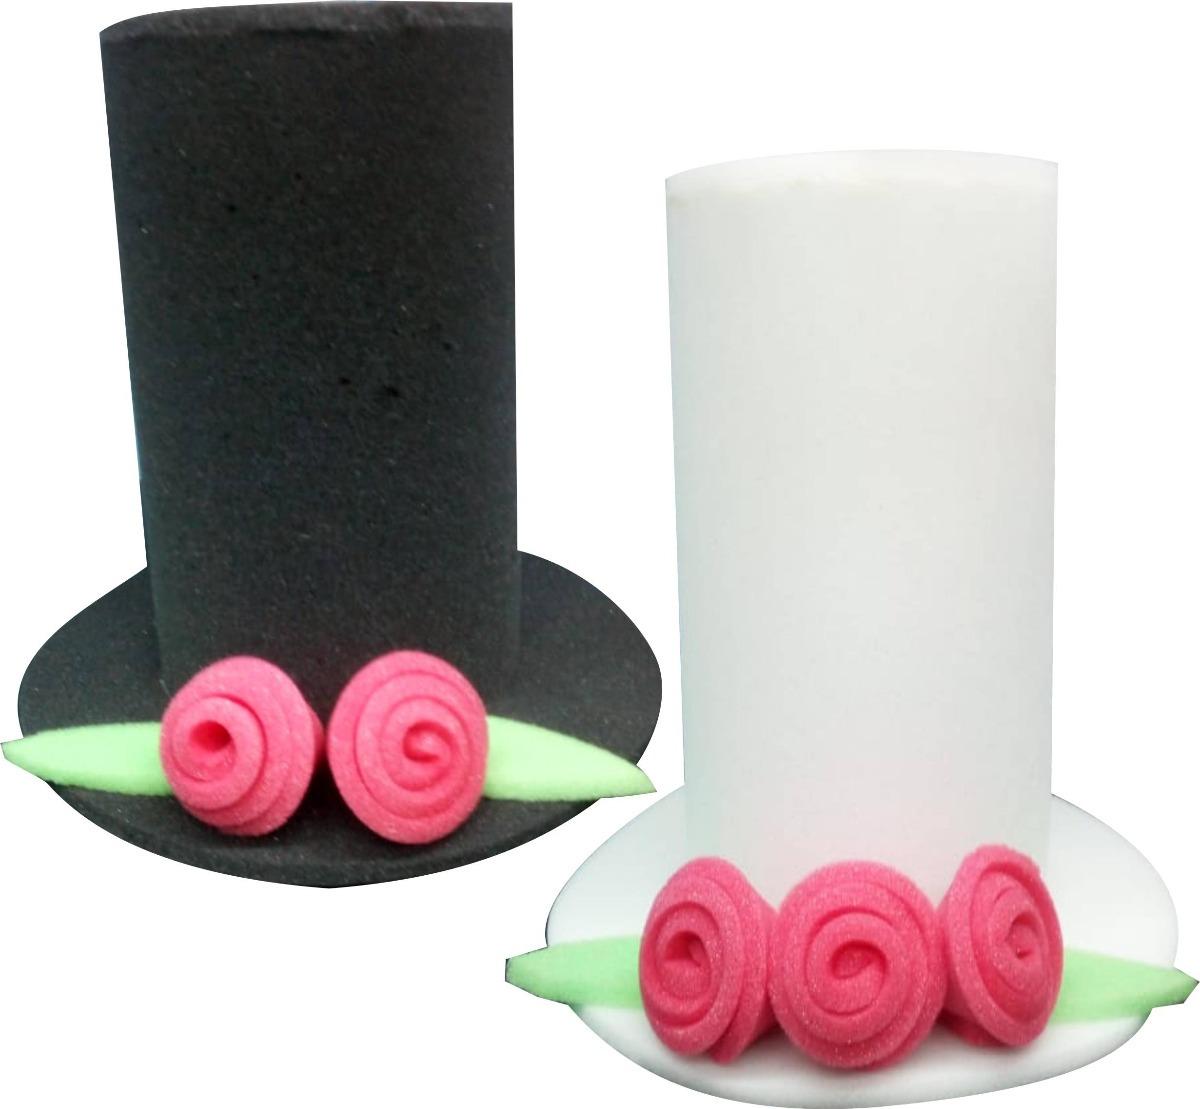 2 Sombreros Hule Espuma Novios Boda Fiesta Batucada Dj -   145.00 en ... cca56294f95